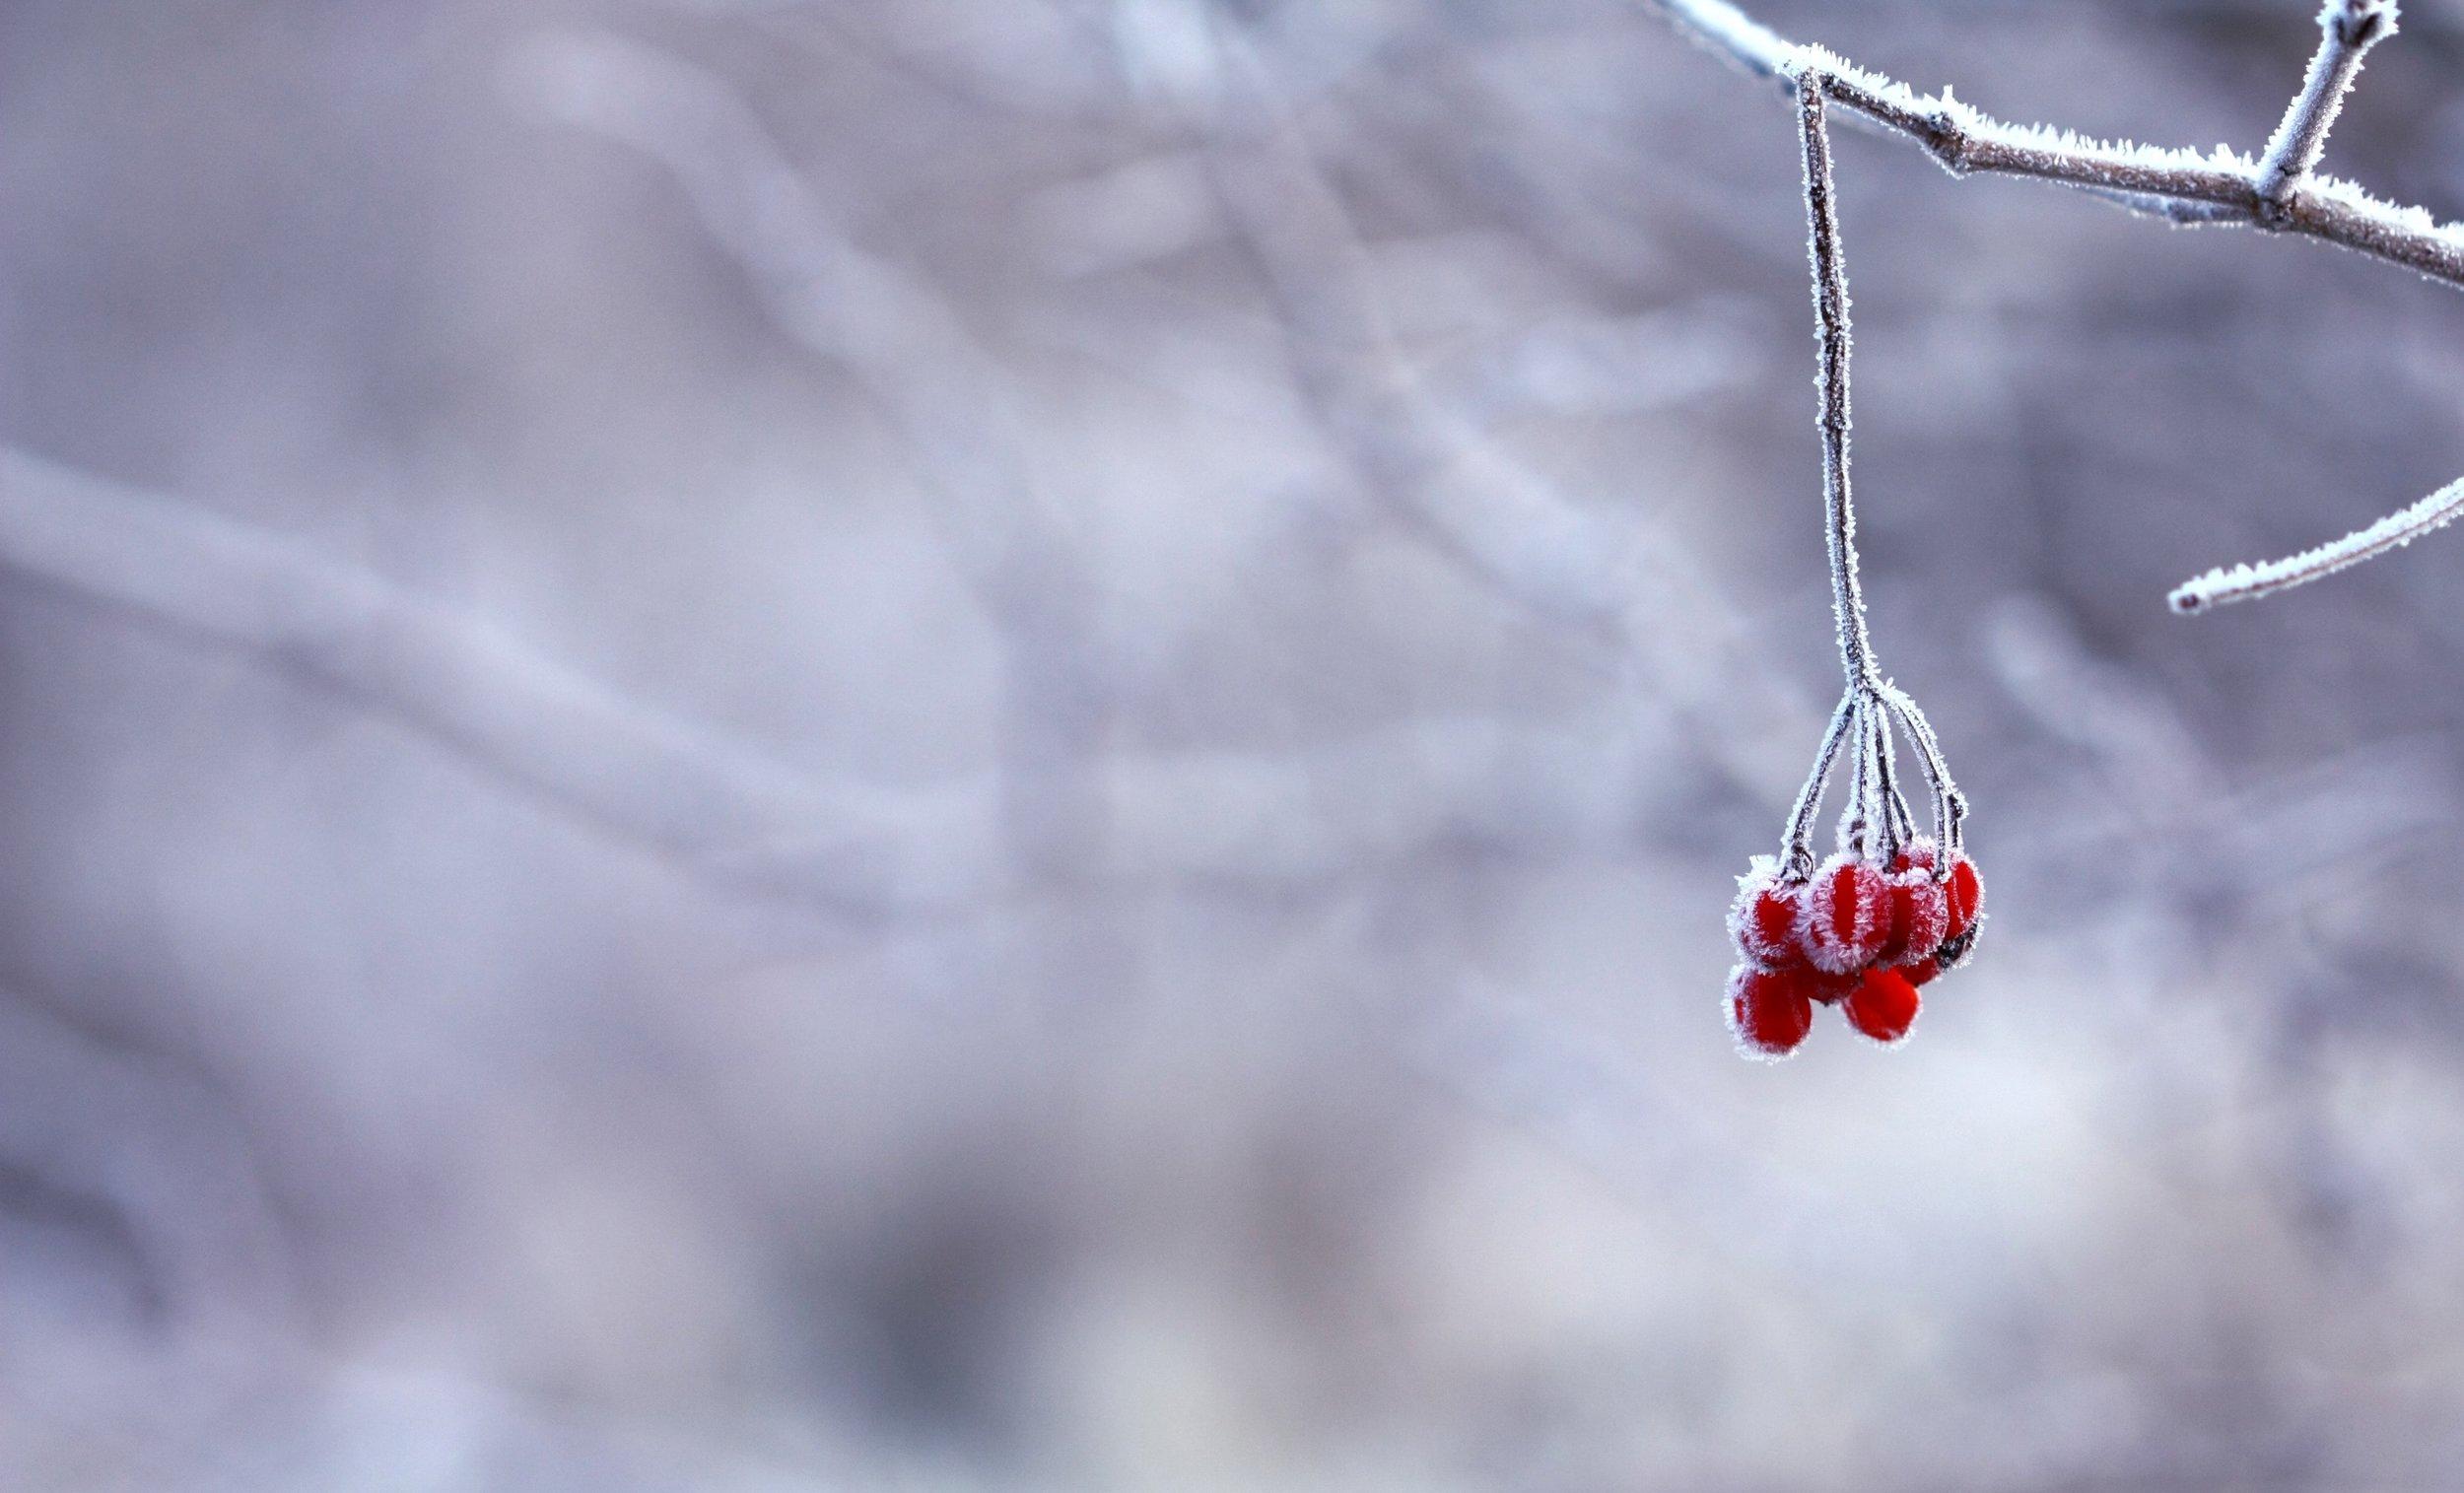 berries-blur-cold-64705.jpg